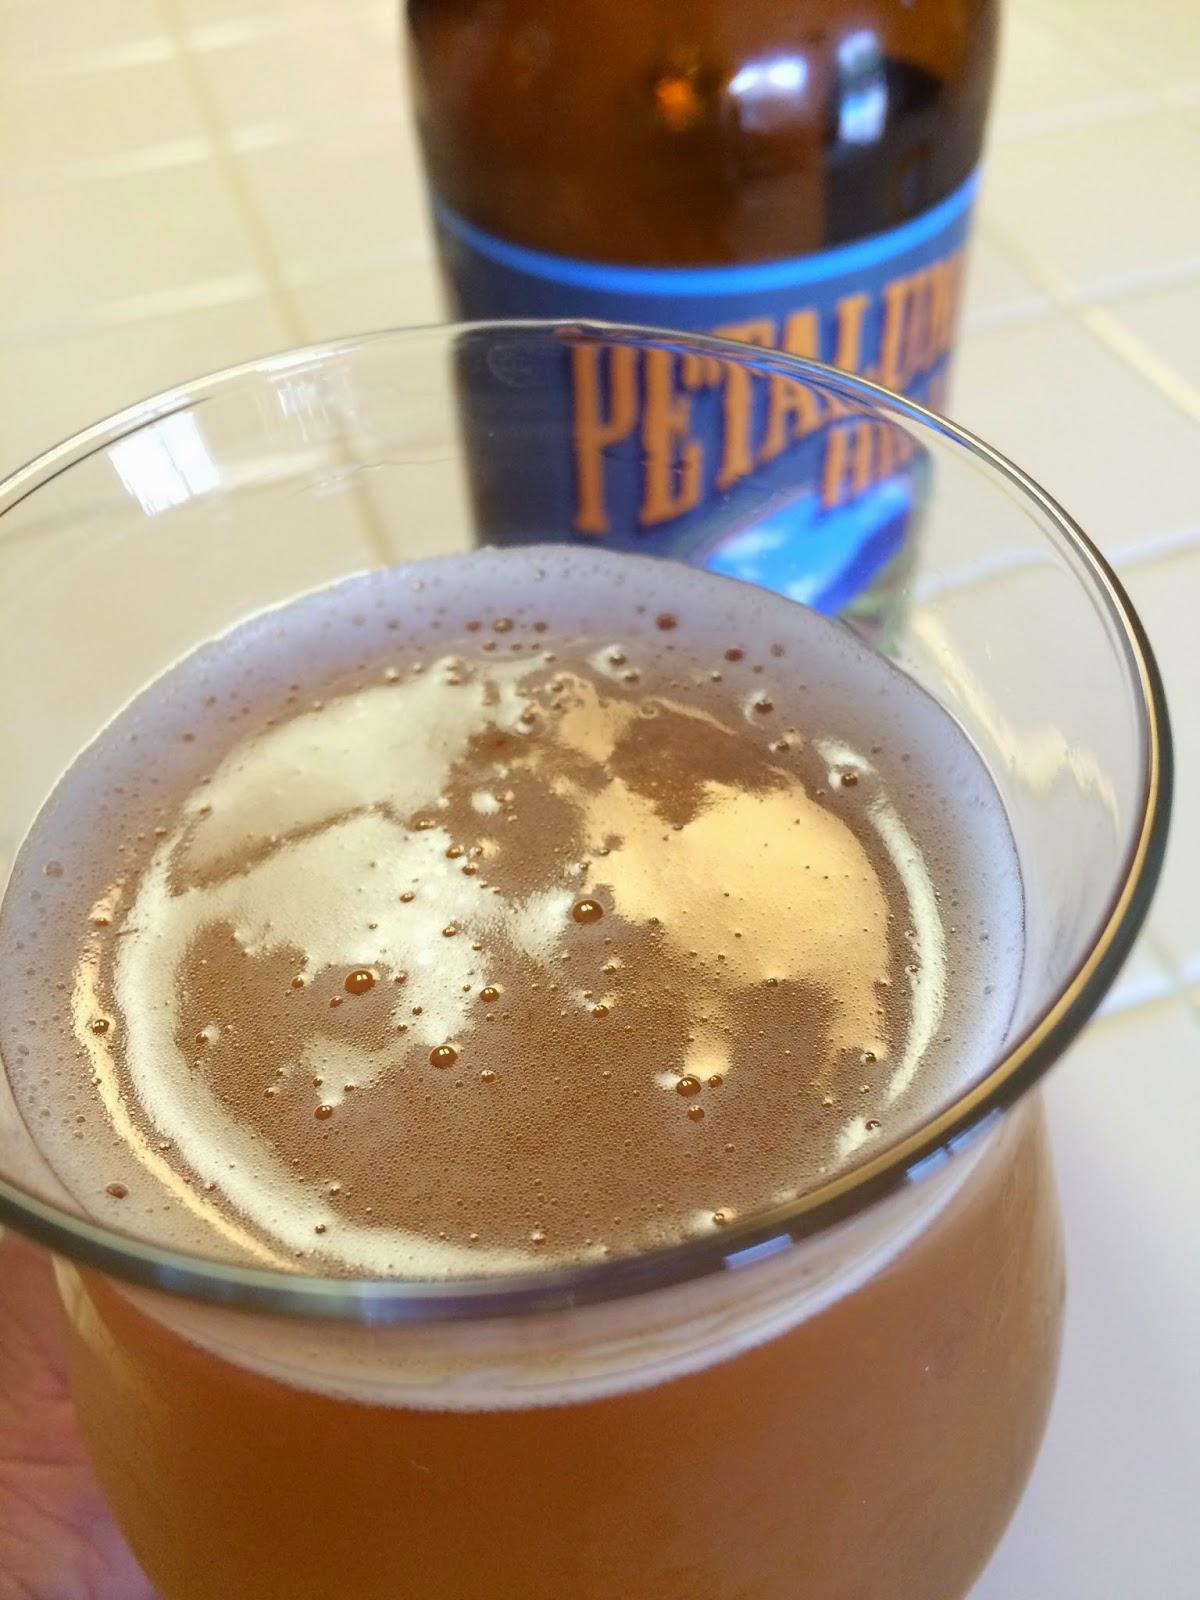 Petaluma Hills Belgian blonde ale 2